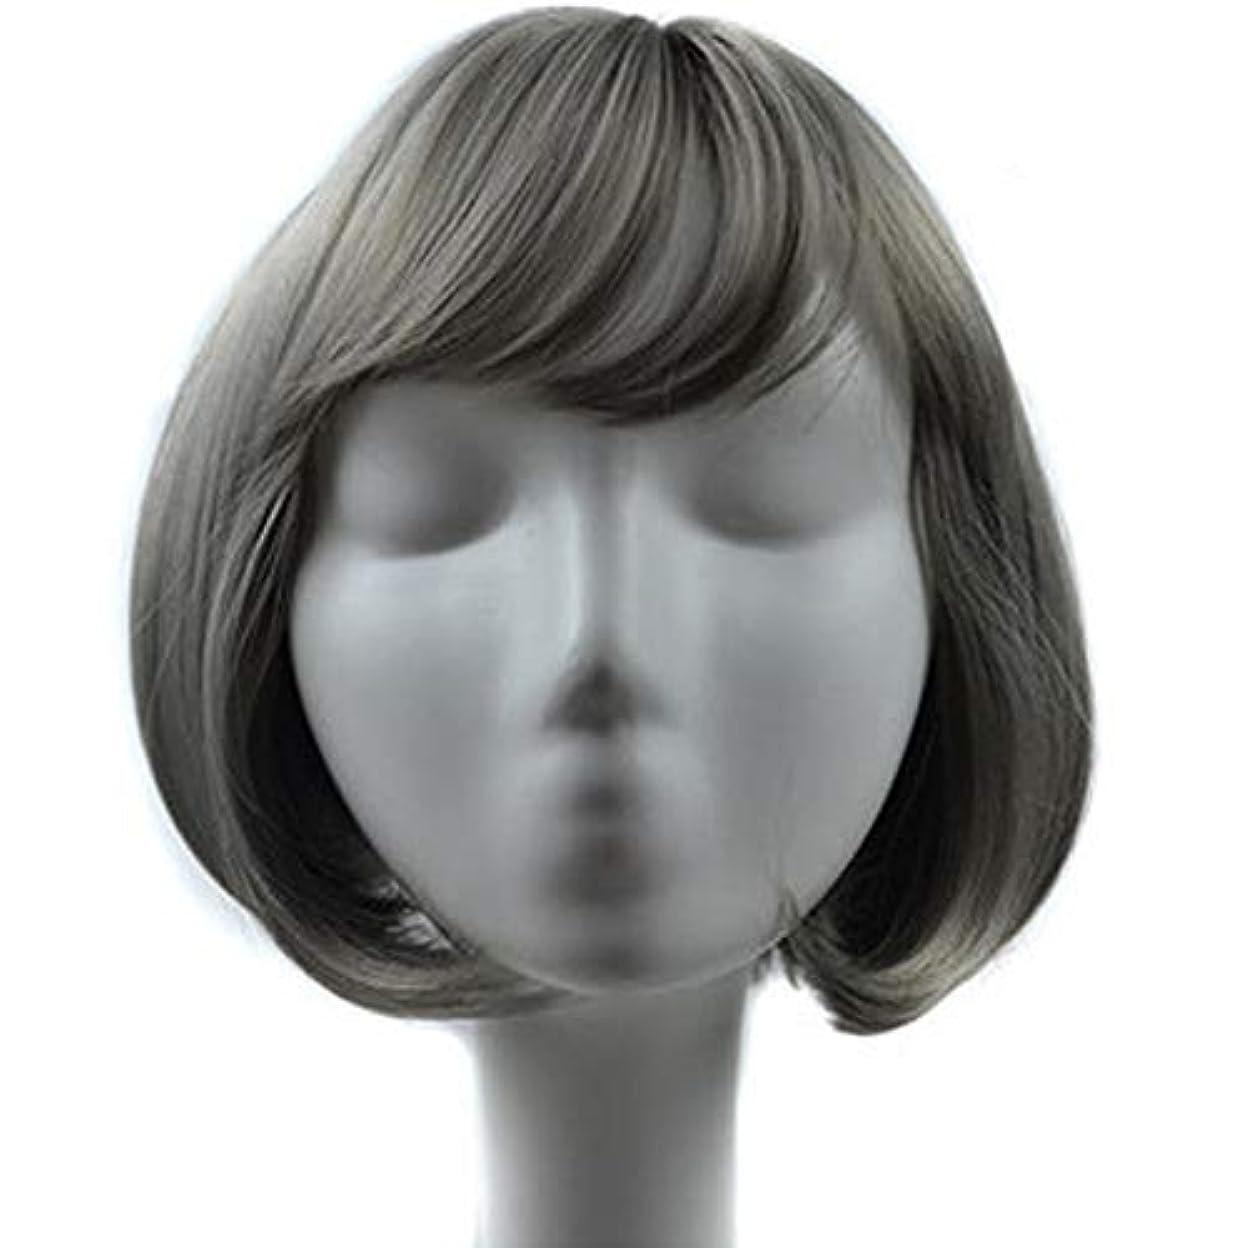 球体風が強いスリンクLazayyii女子 かつら エアバン 天然のリアル ヘア前髪エアバンボボヘッドナシウィッグ (グレー)